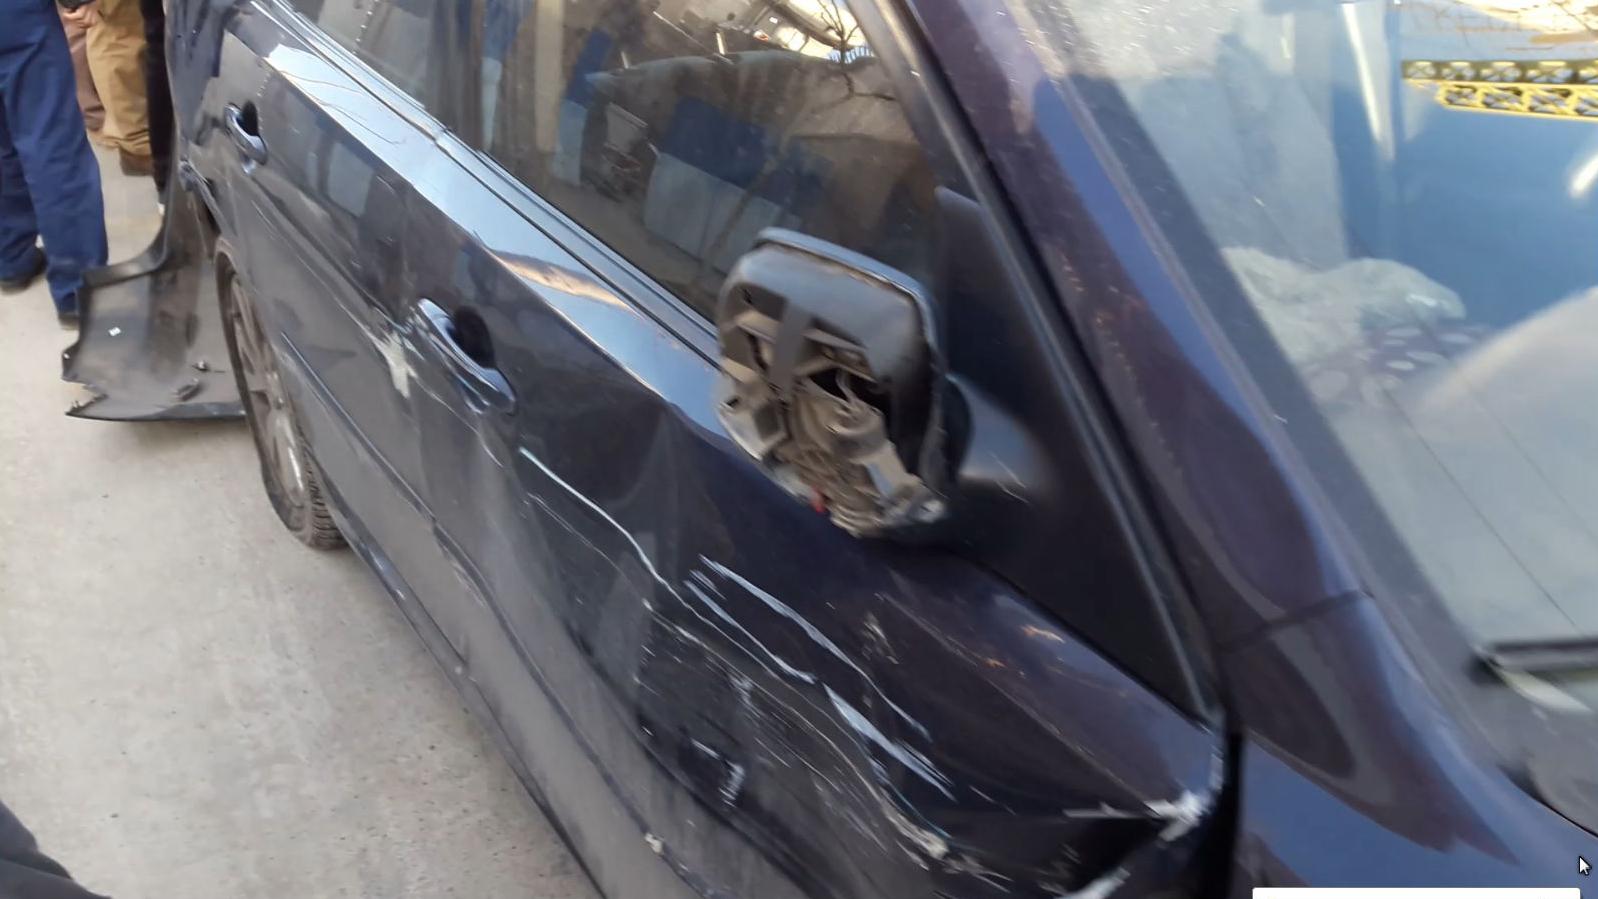 تعقیب و گریز هالیوودی پلیس با دزد خودرو مزدا 3 در جنوب تهران+ تصاویر